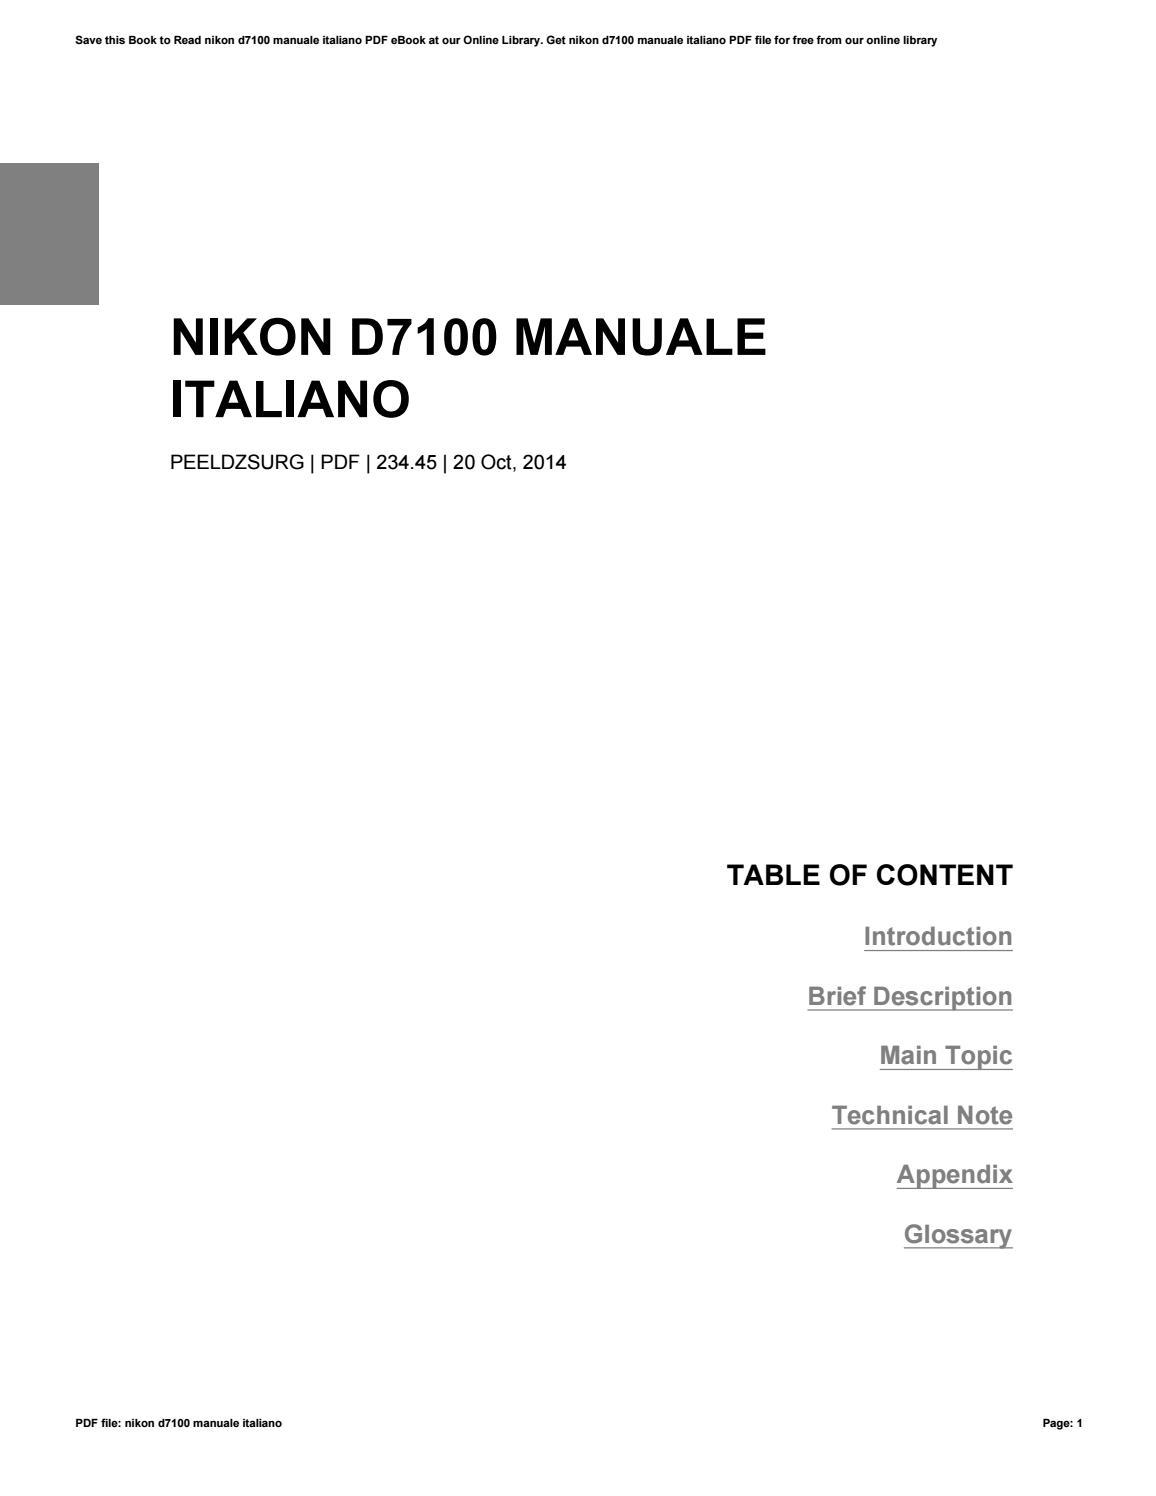 manuale italiano pdf nikon d7100